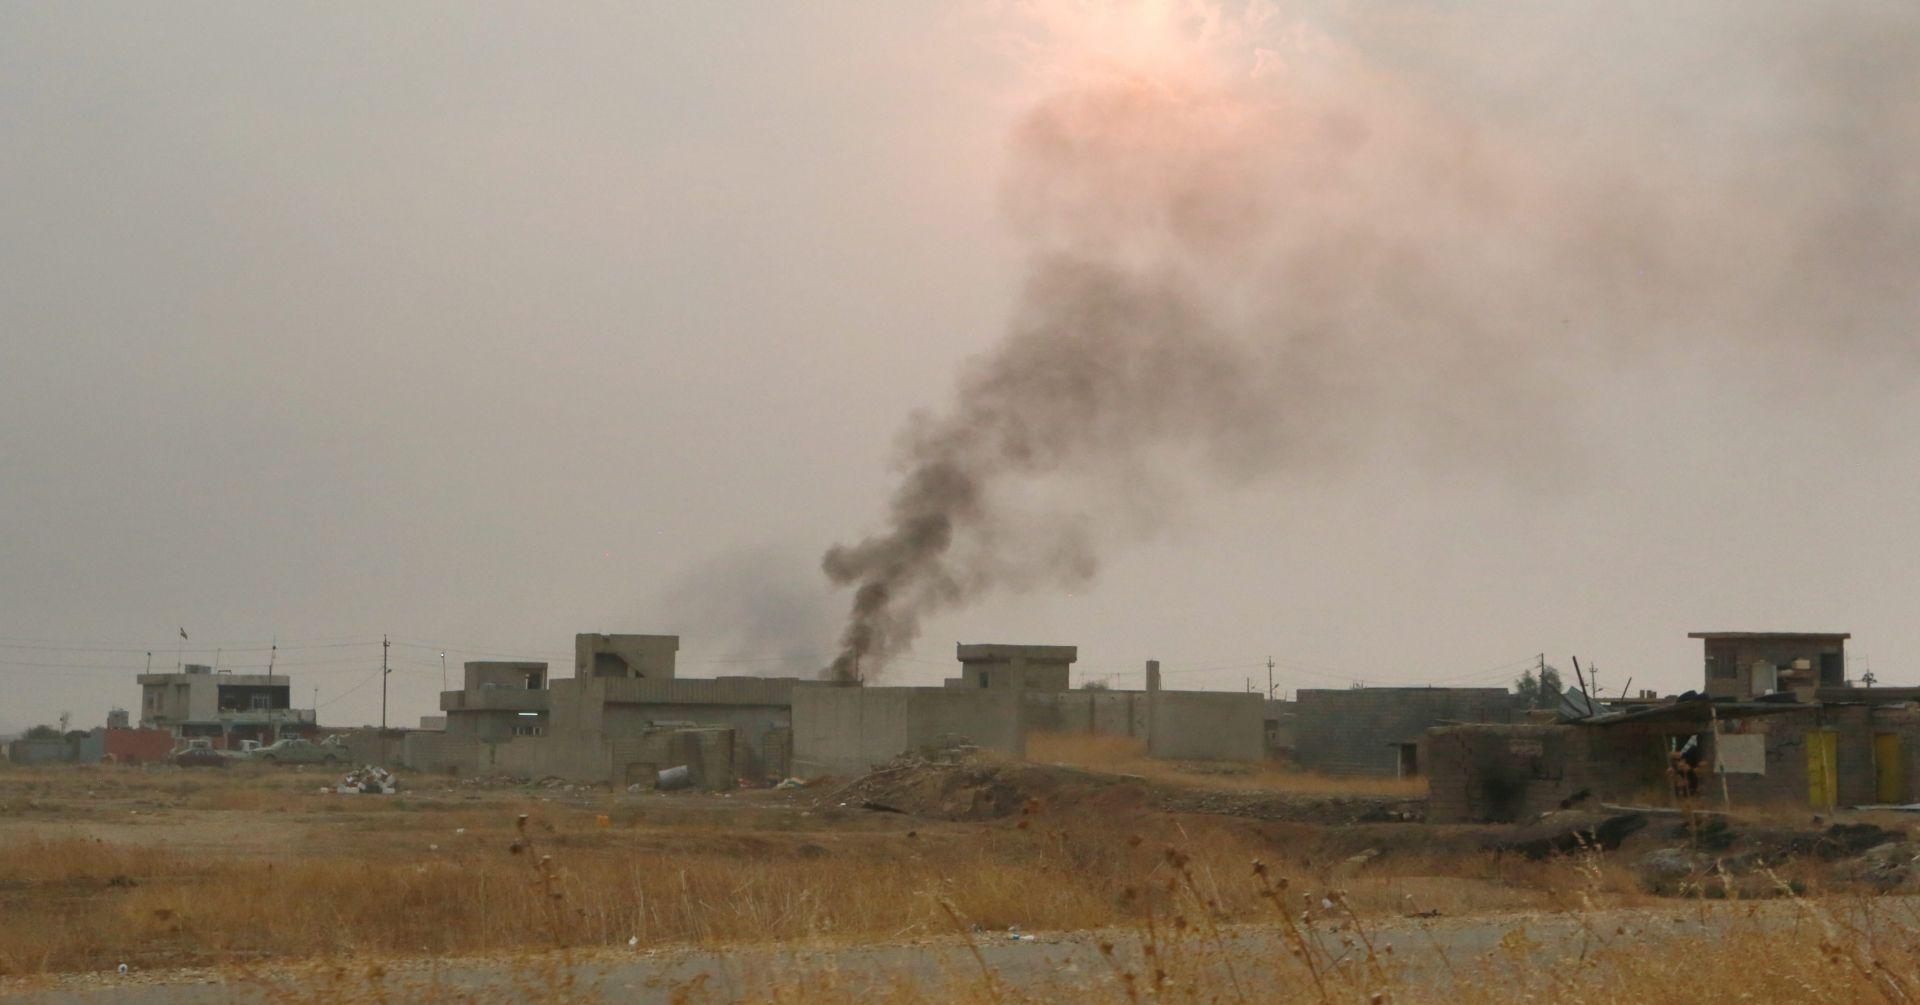 UJEDINJENI NARODI Islamska država pogubila više od 230 ljudi, tisuće civila koriste kao ljudski štit